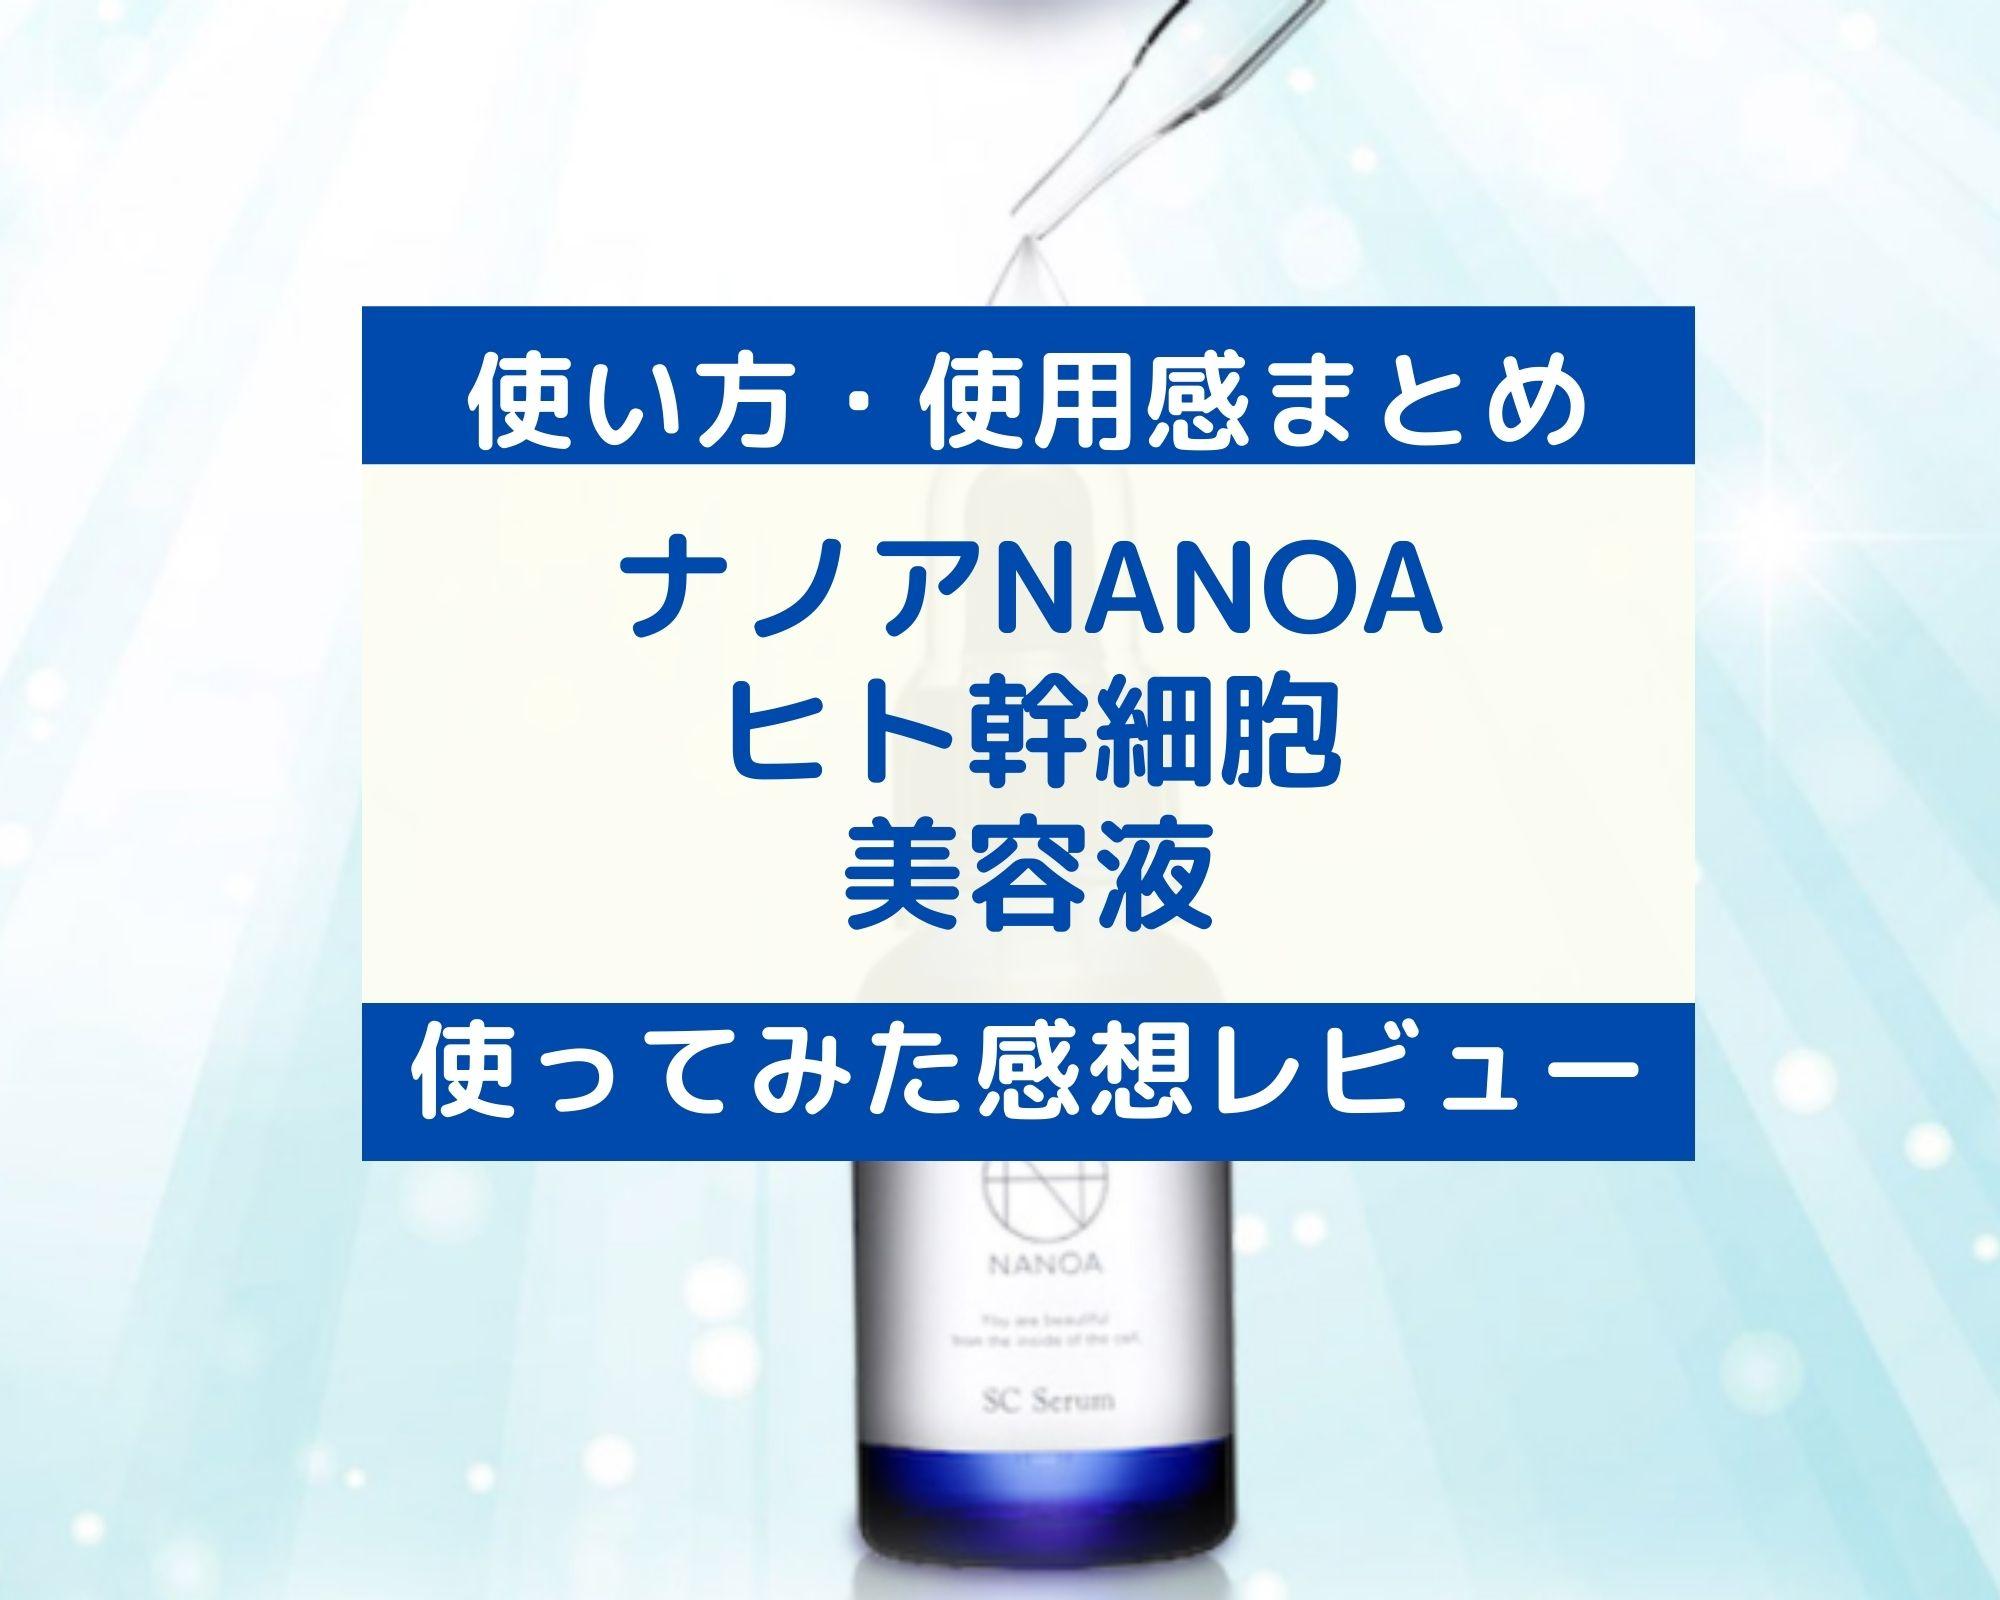 ナノアNANOA美容液の使い方 実際に使ってみた使用感もレビュー